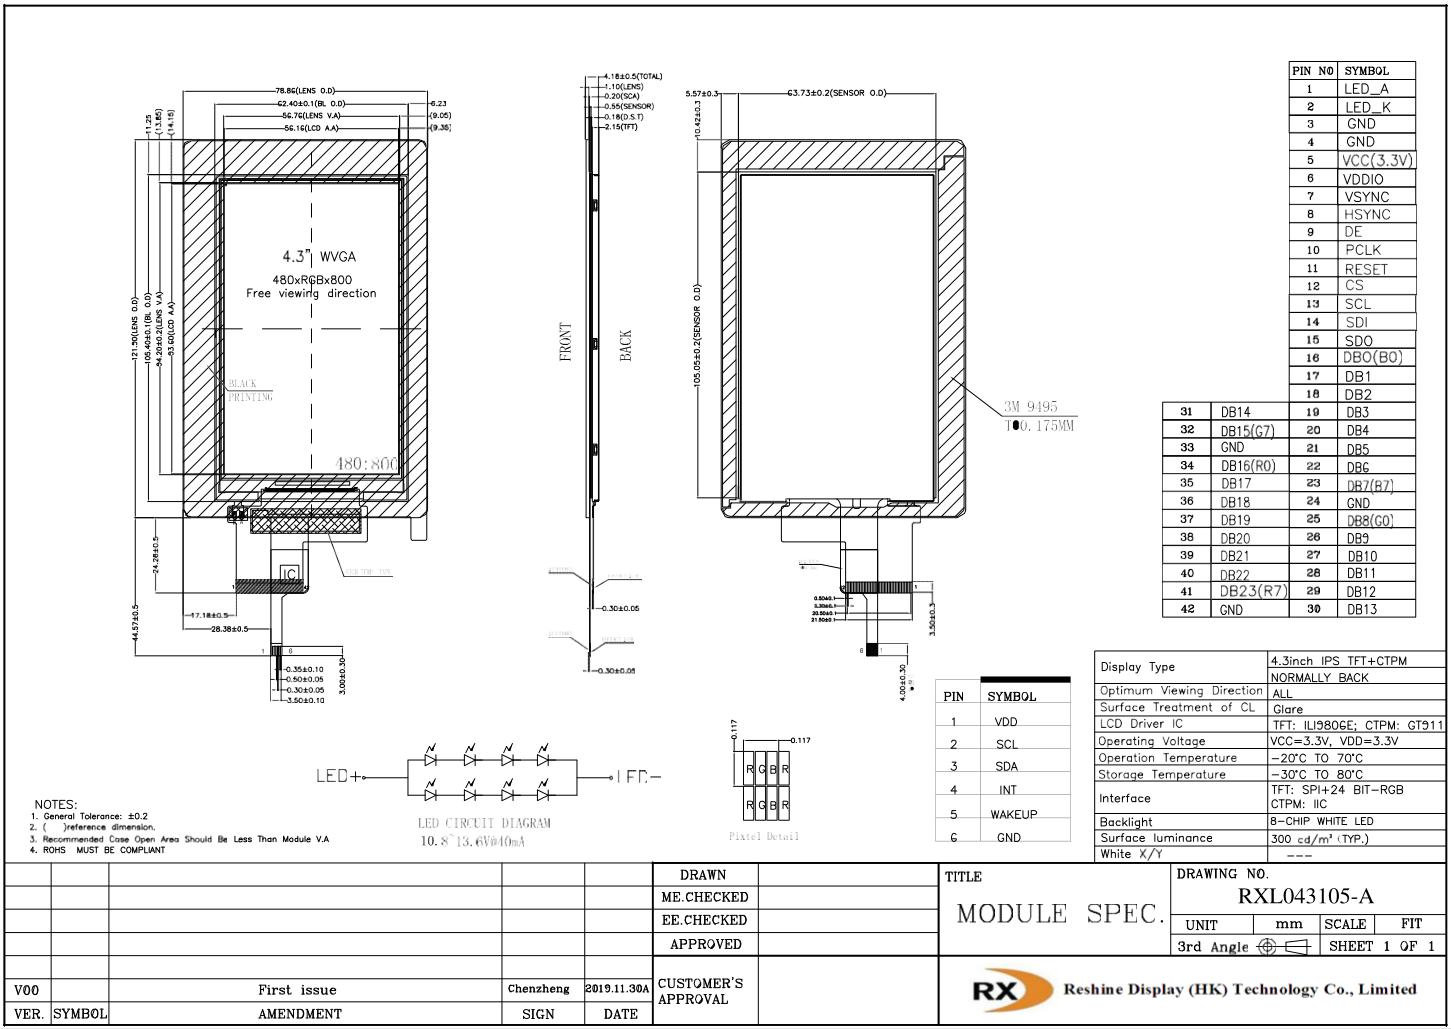 4.3 innch 480x800 ips lcd